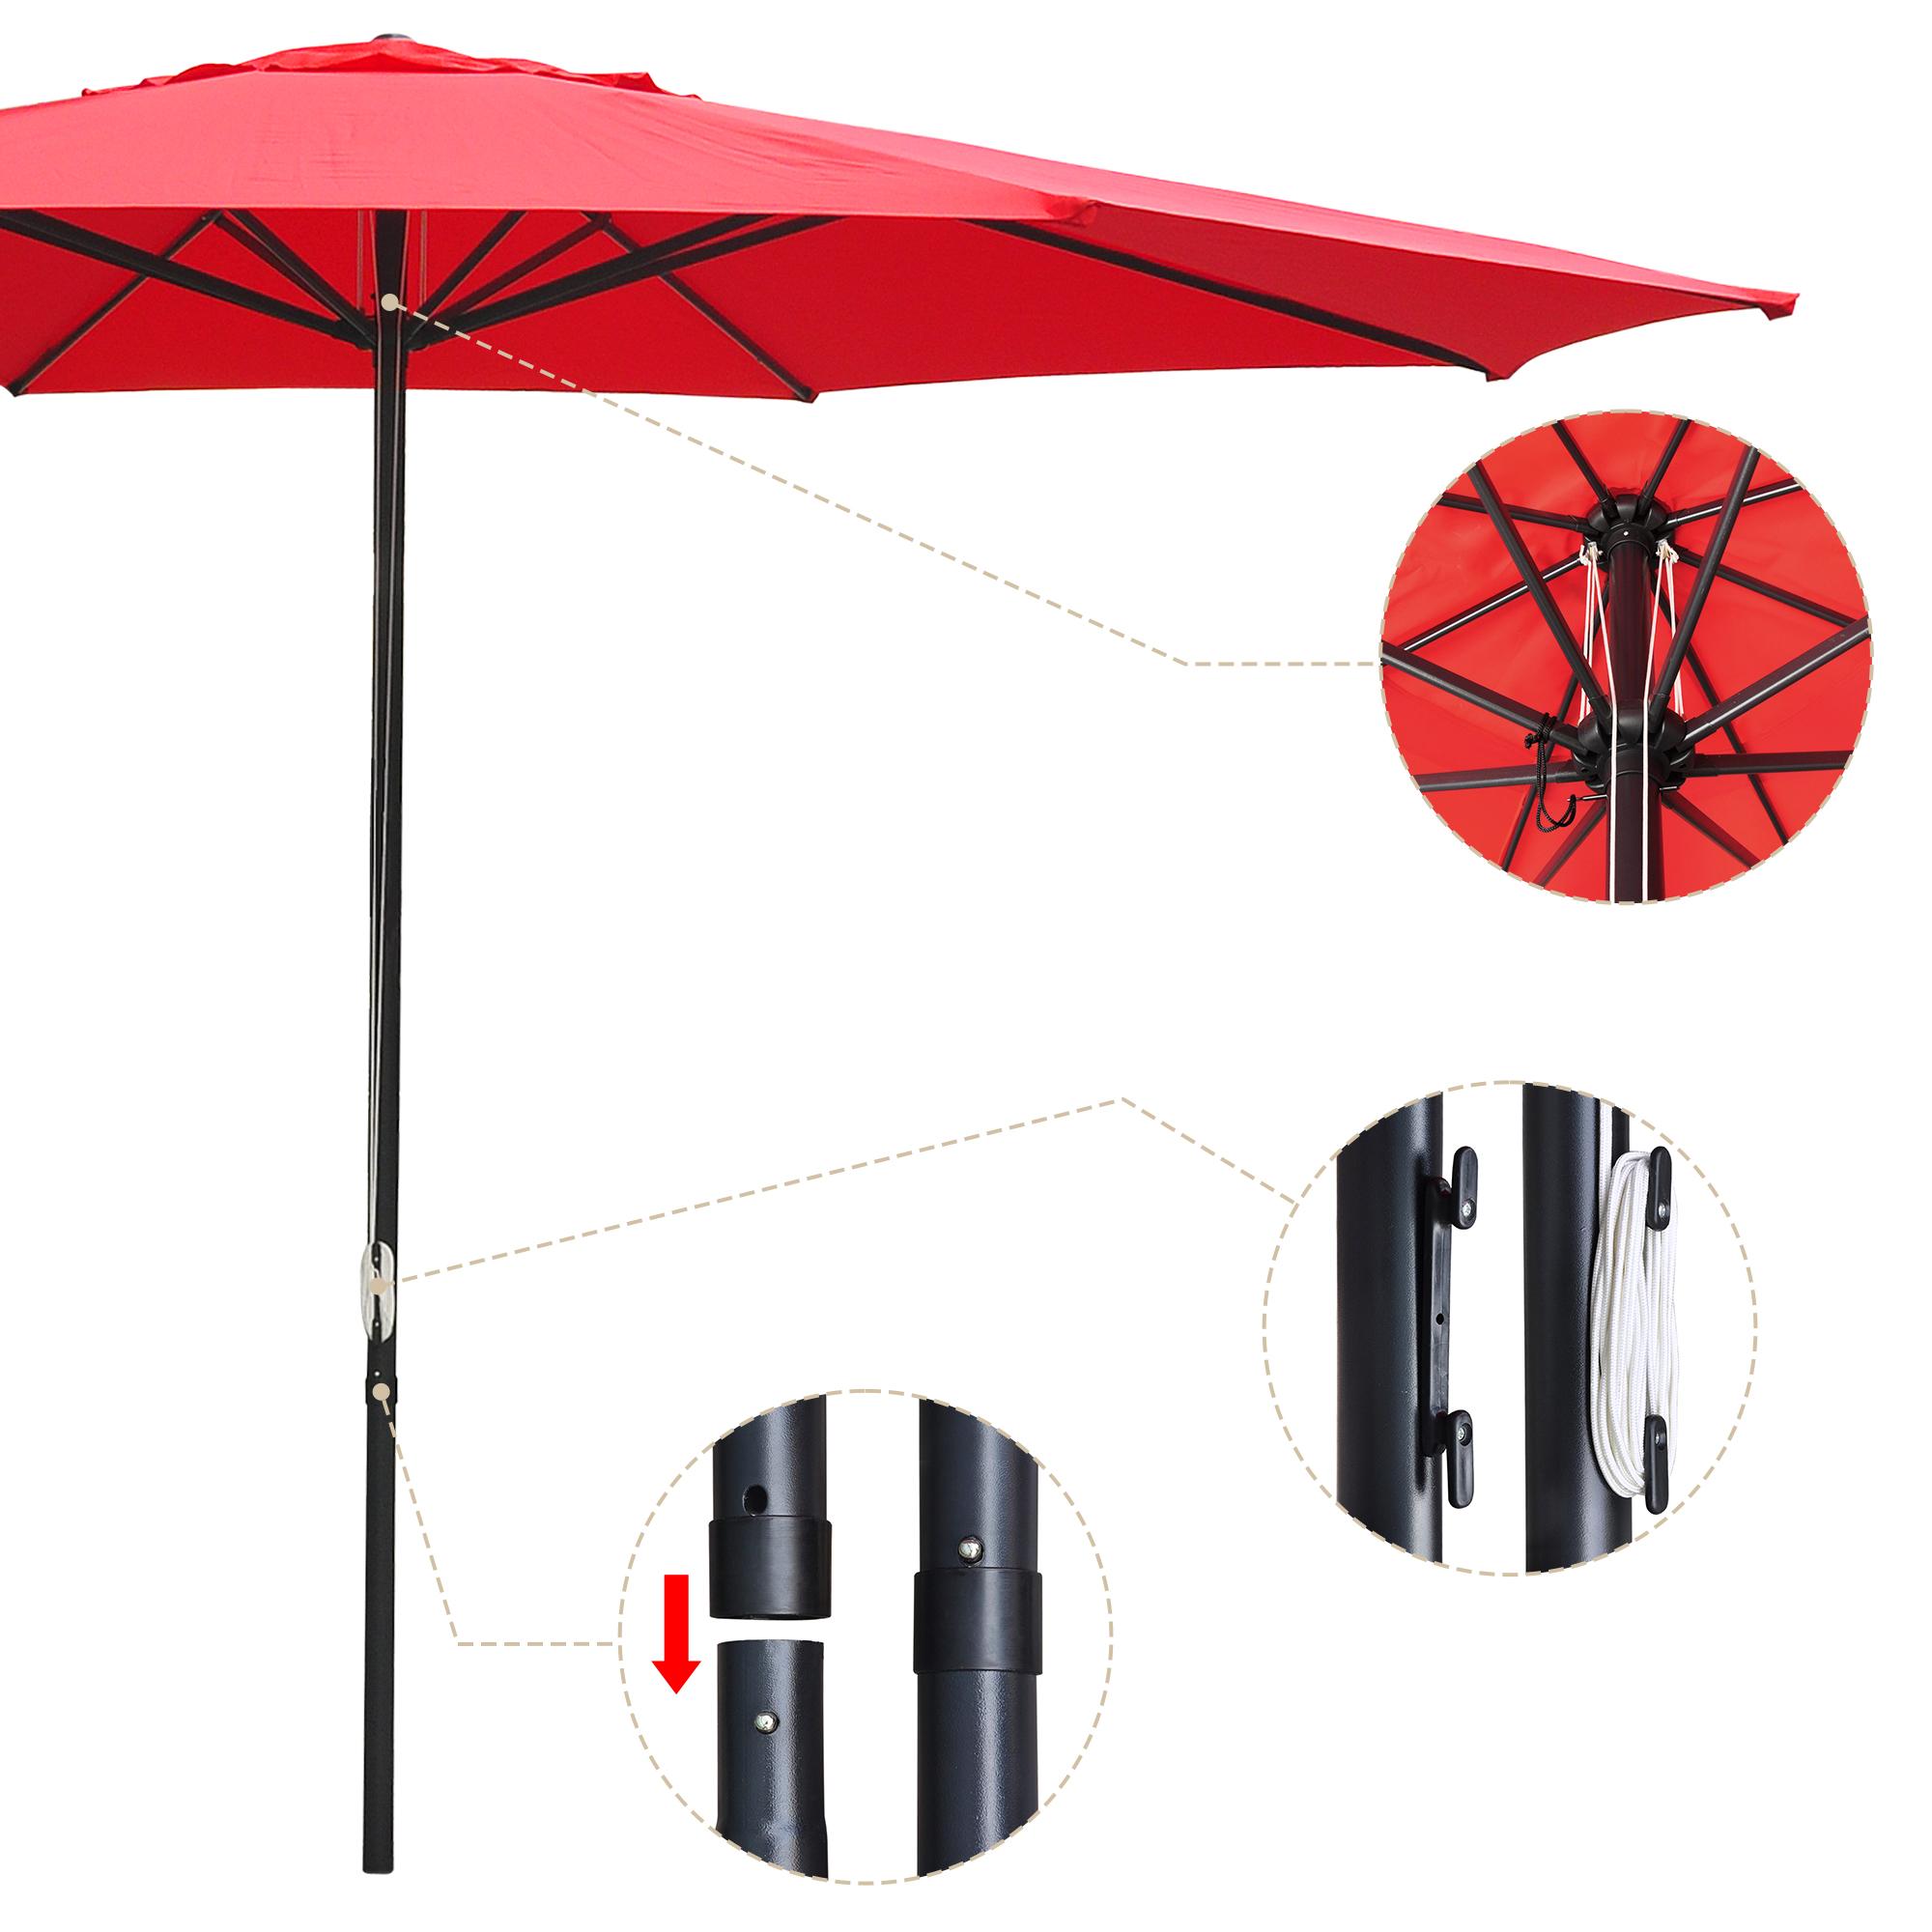 thumbnail 56 - 13' FT Sun Shade Patio Aluminum Umbrella UV30+ Outdoor Market Garden Beach Deck